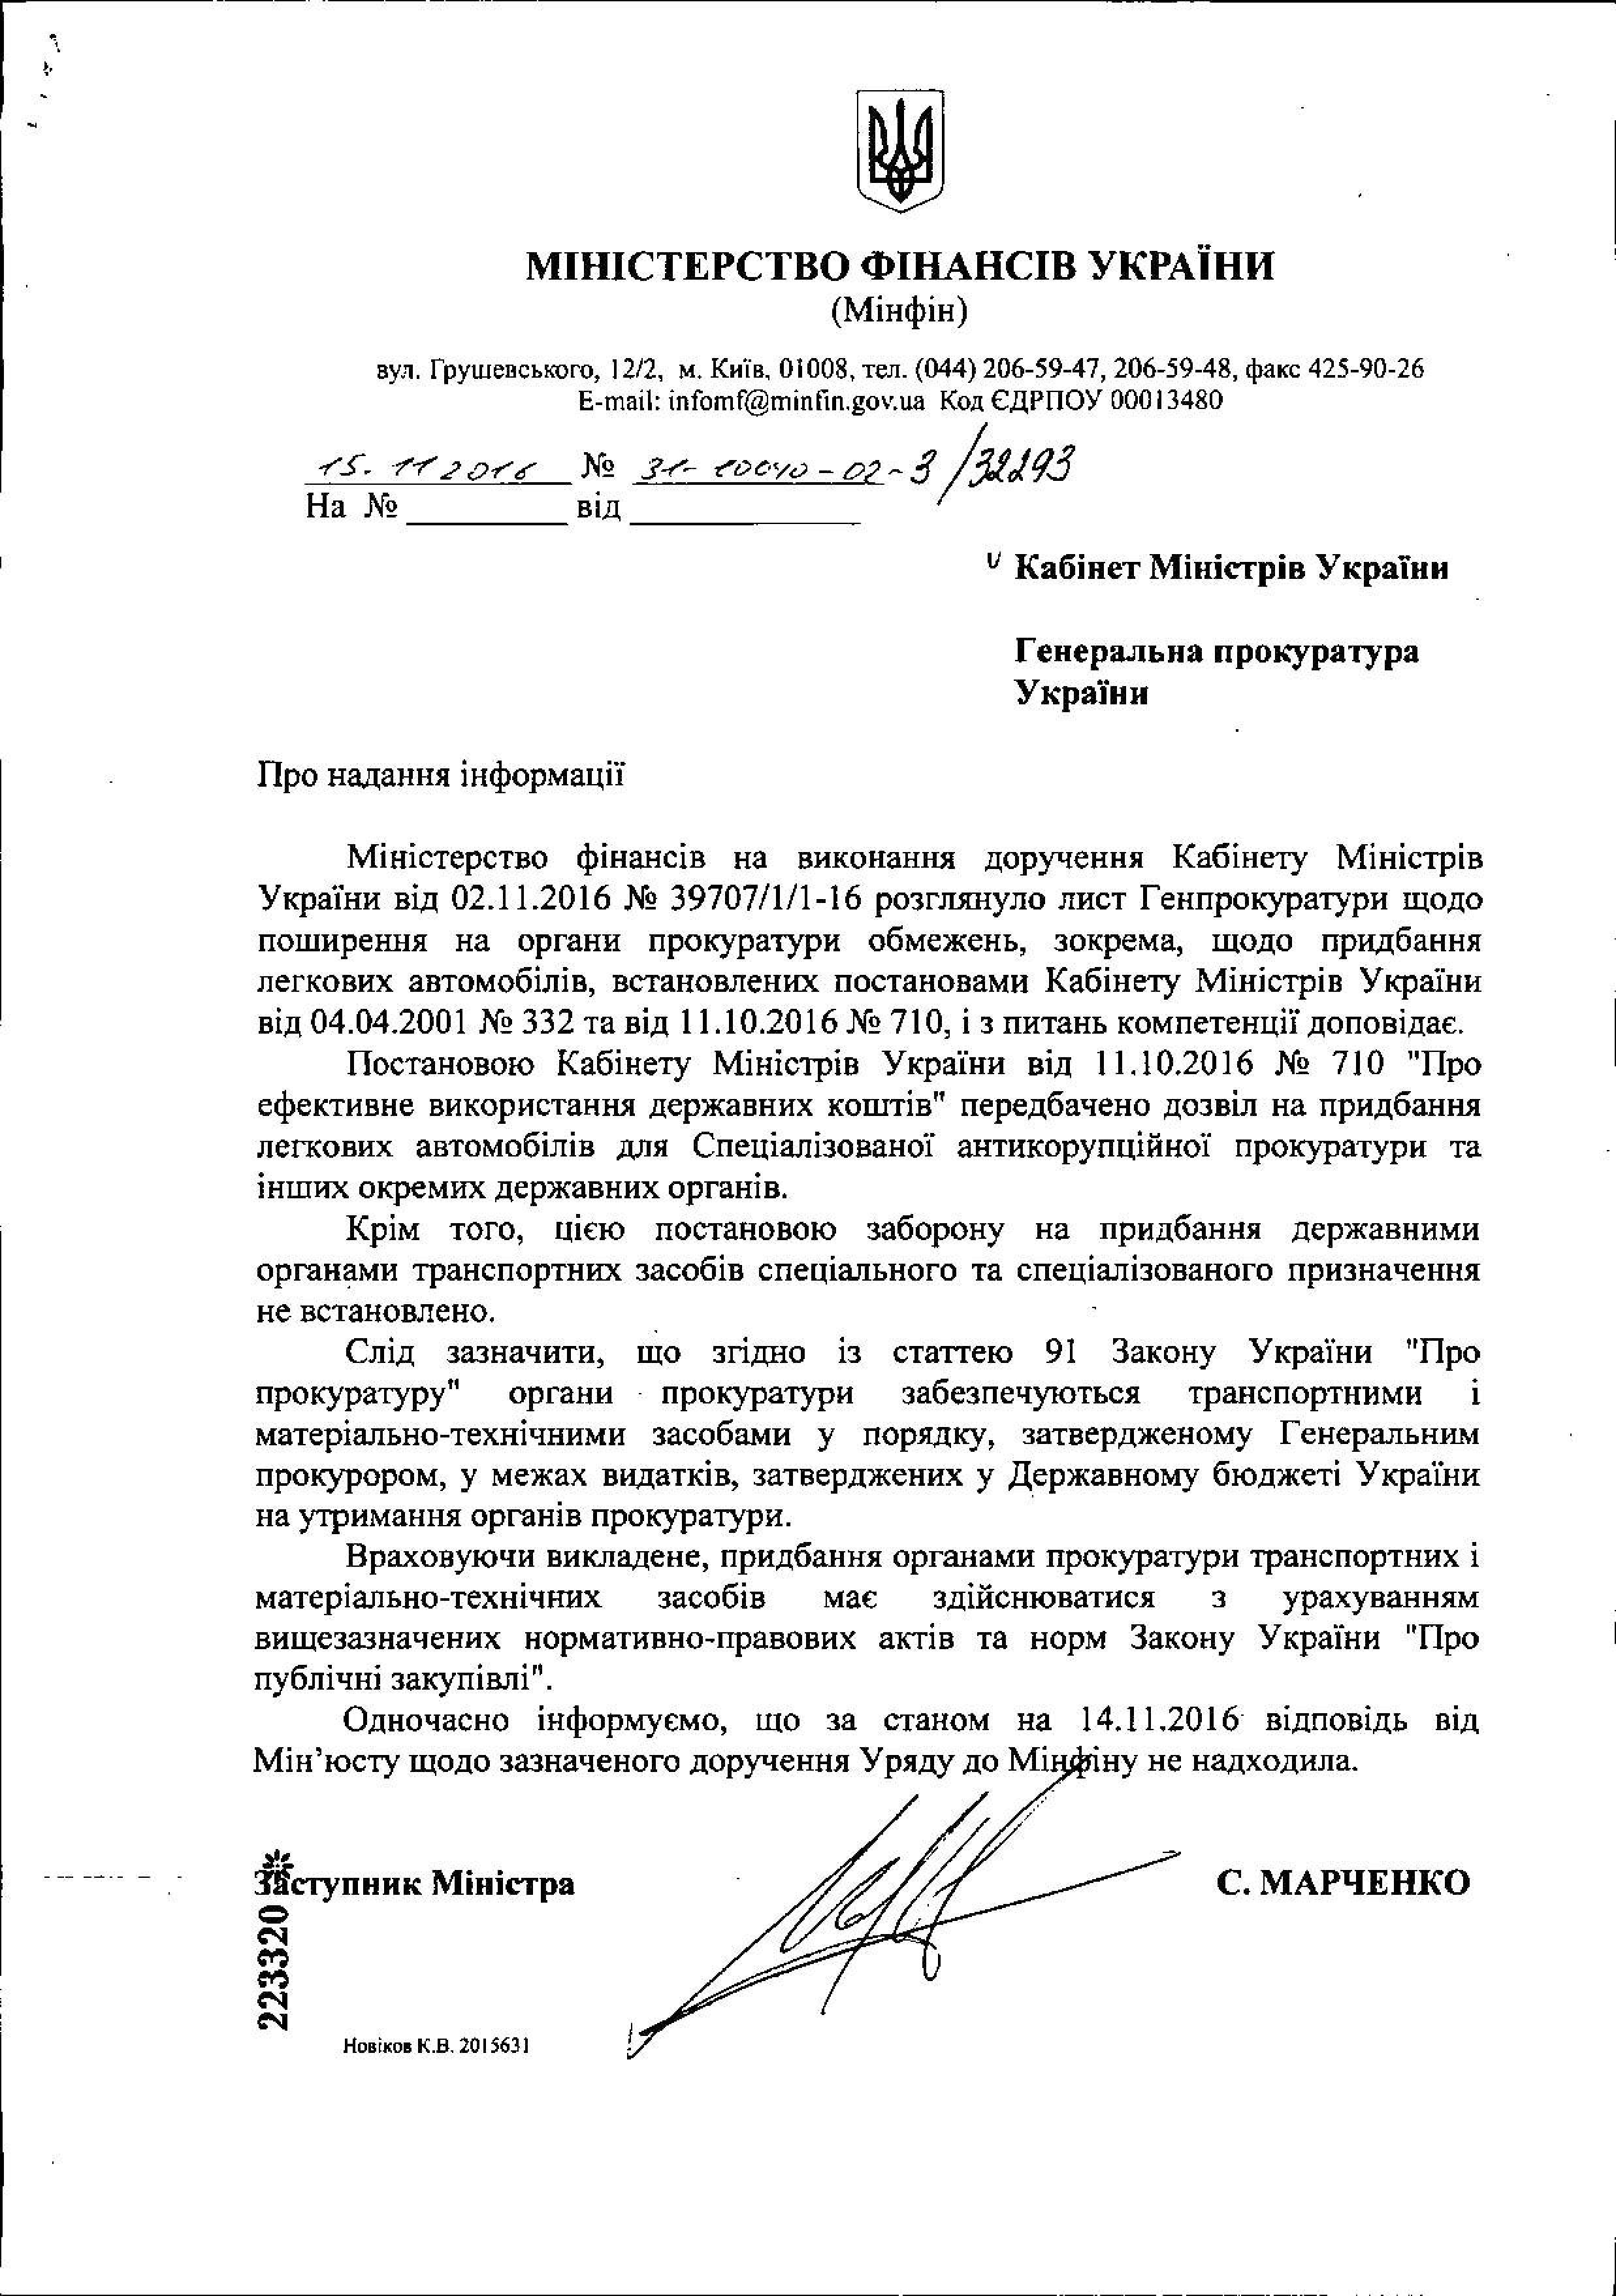 Письмо-ответ на просьбу Генпрокуратуры о разъяснении полномочий